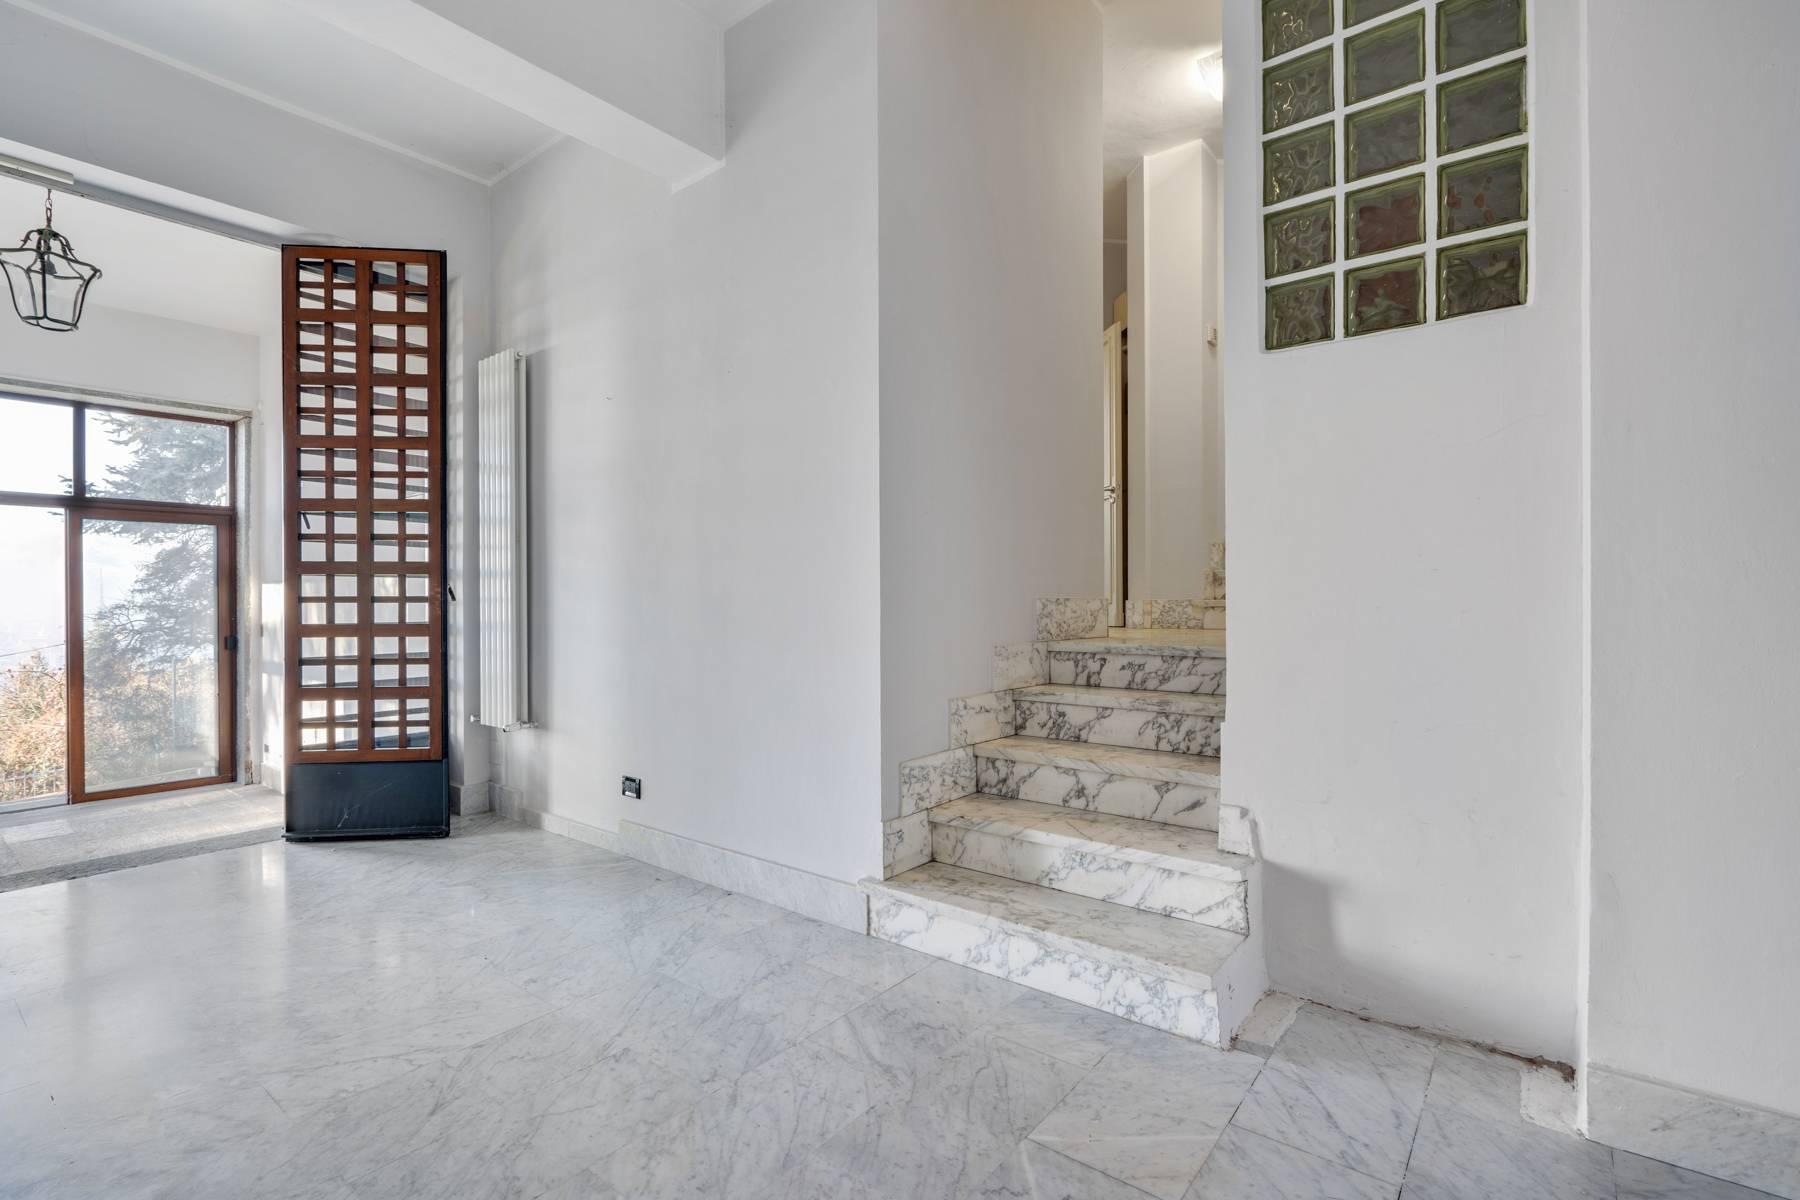 Appartamento in Vendita a Torino: 3 locali, 88 mq - Foto 7